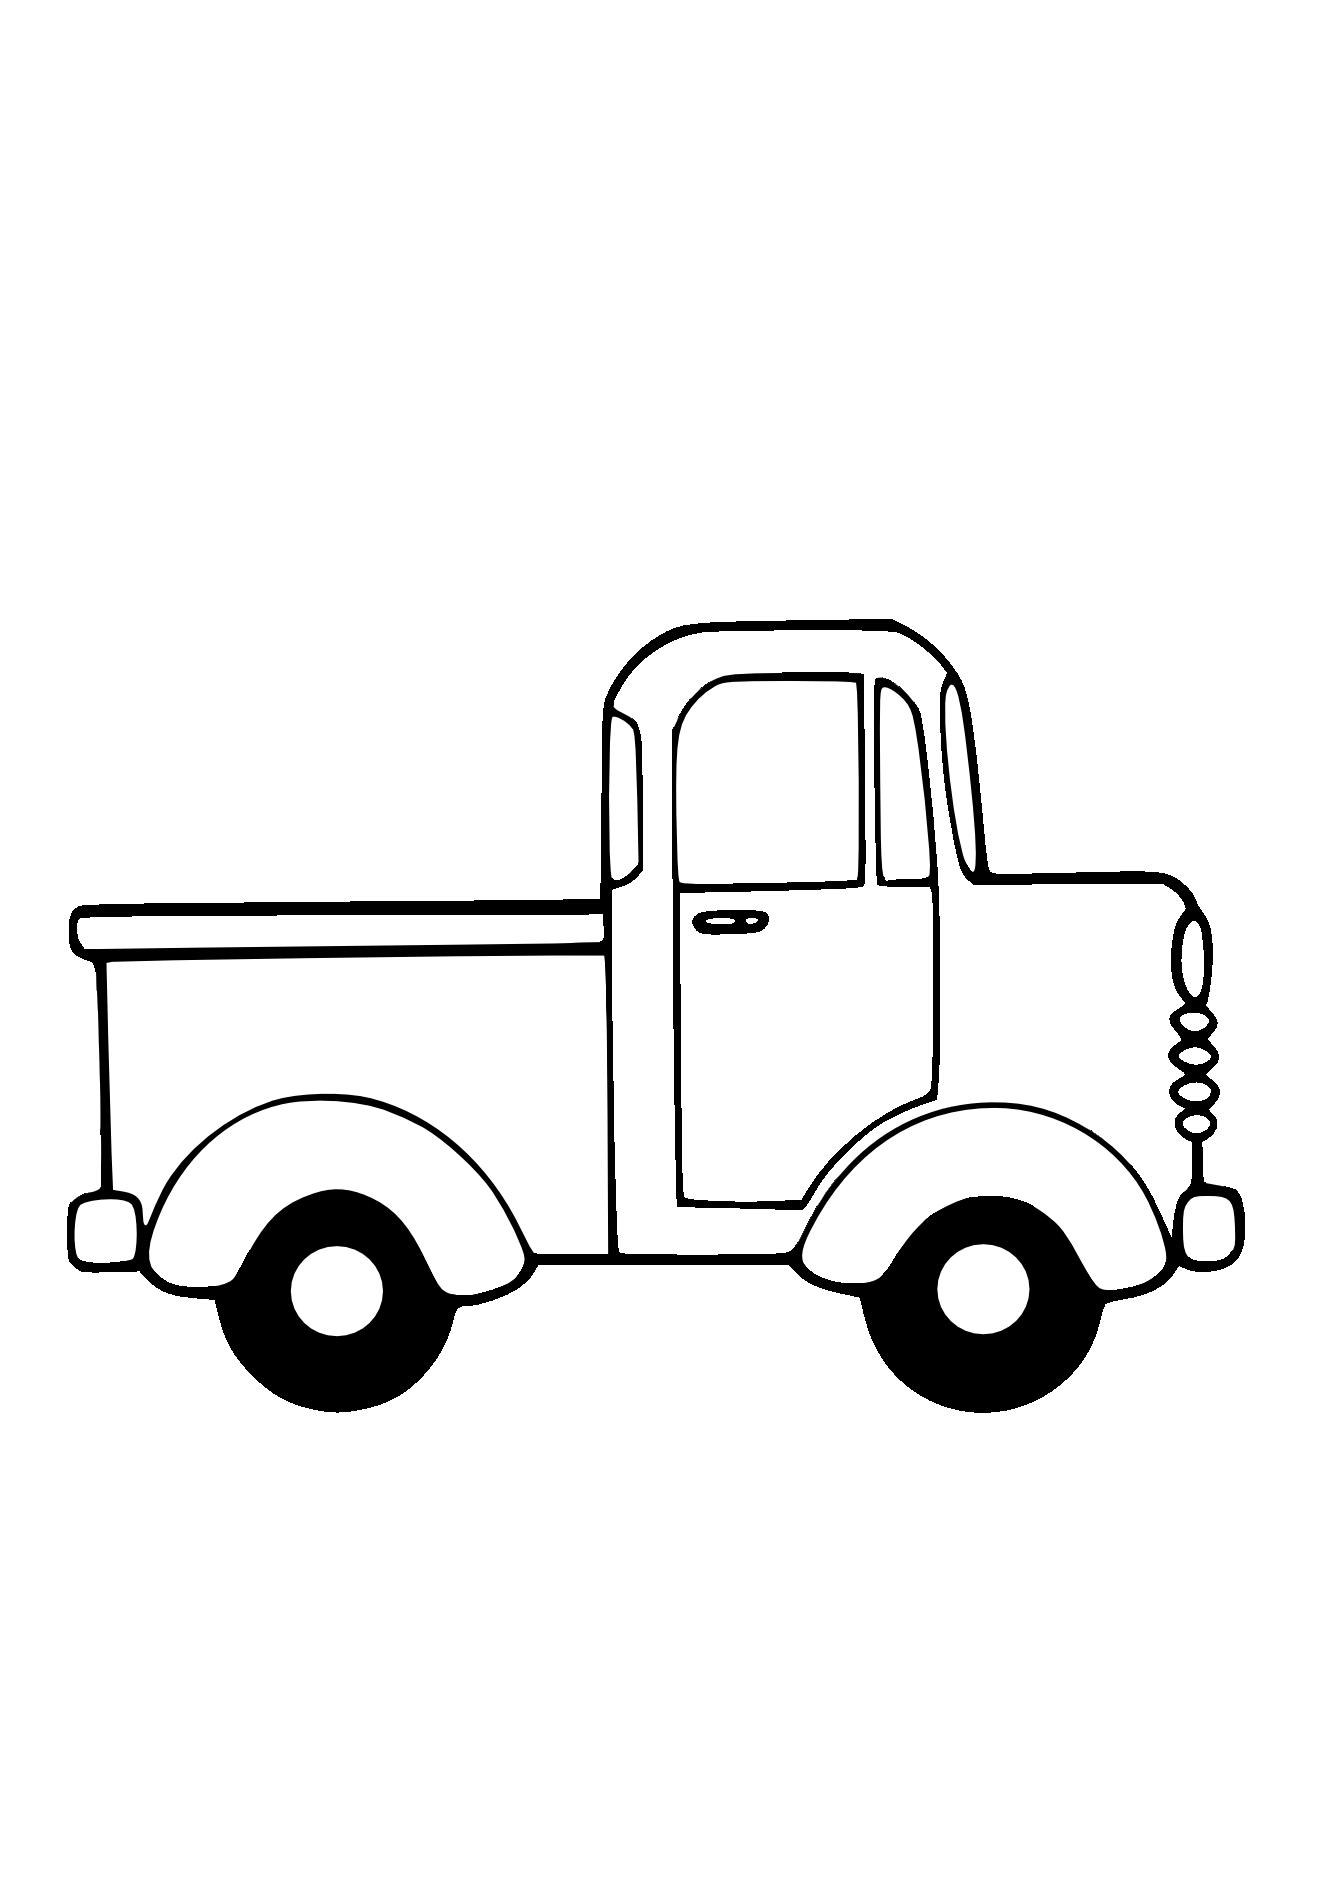 Ziemlich Malvorlagen Peterbilt Semi Truck Ideen - Beispiel Business ...